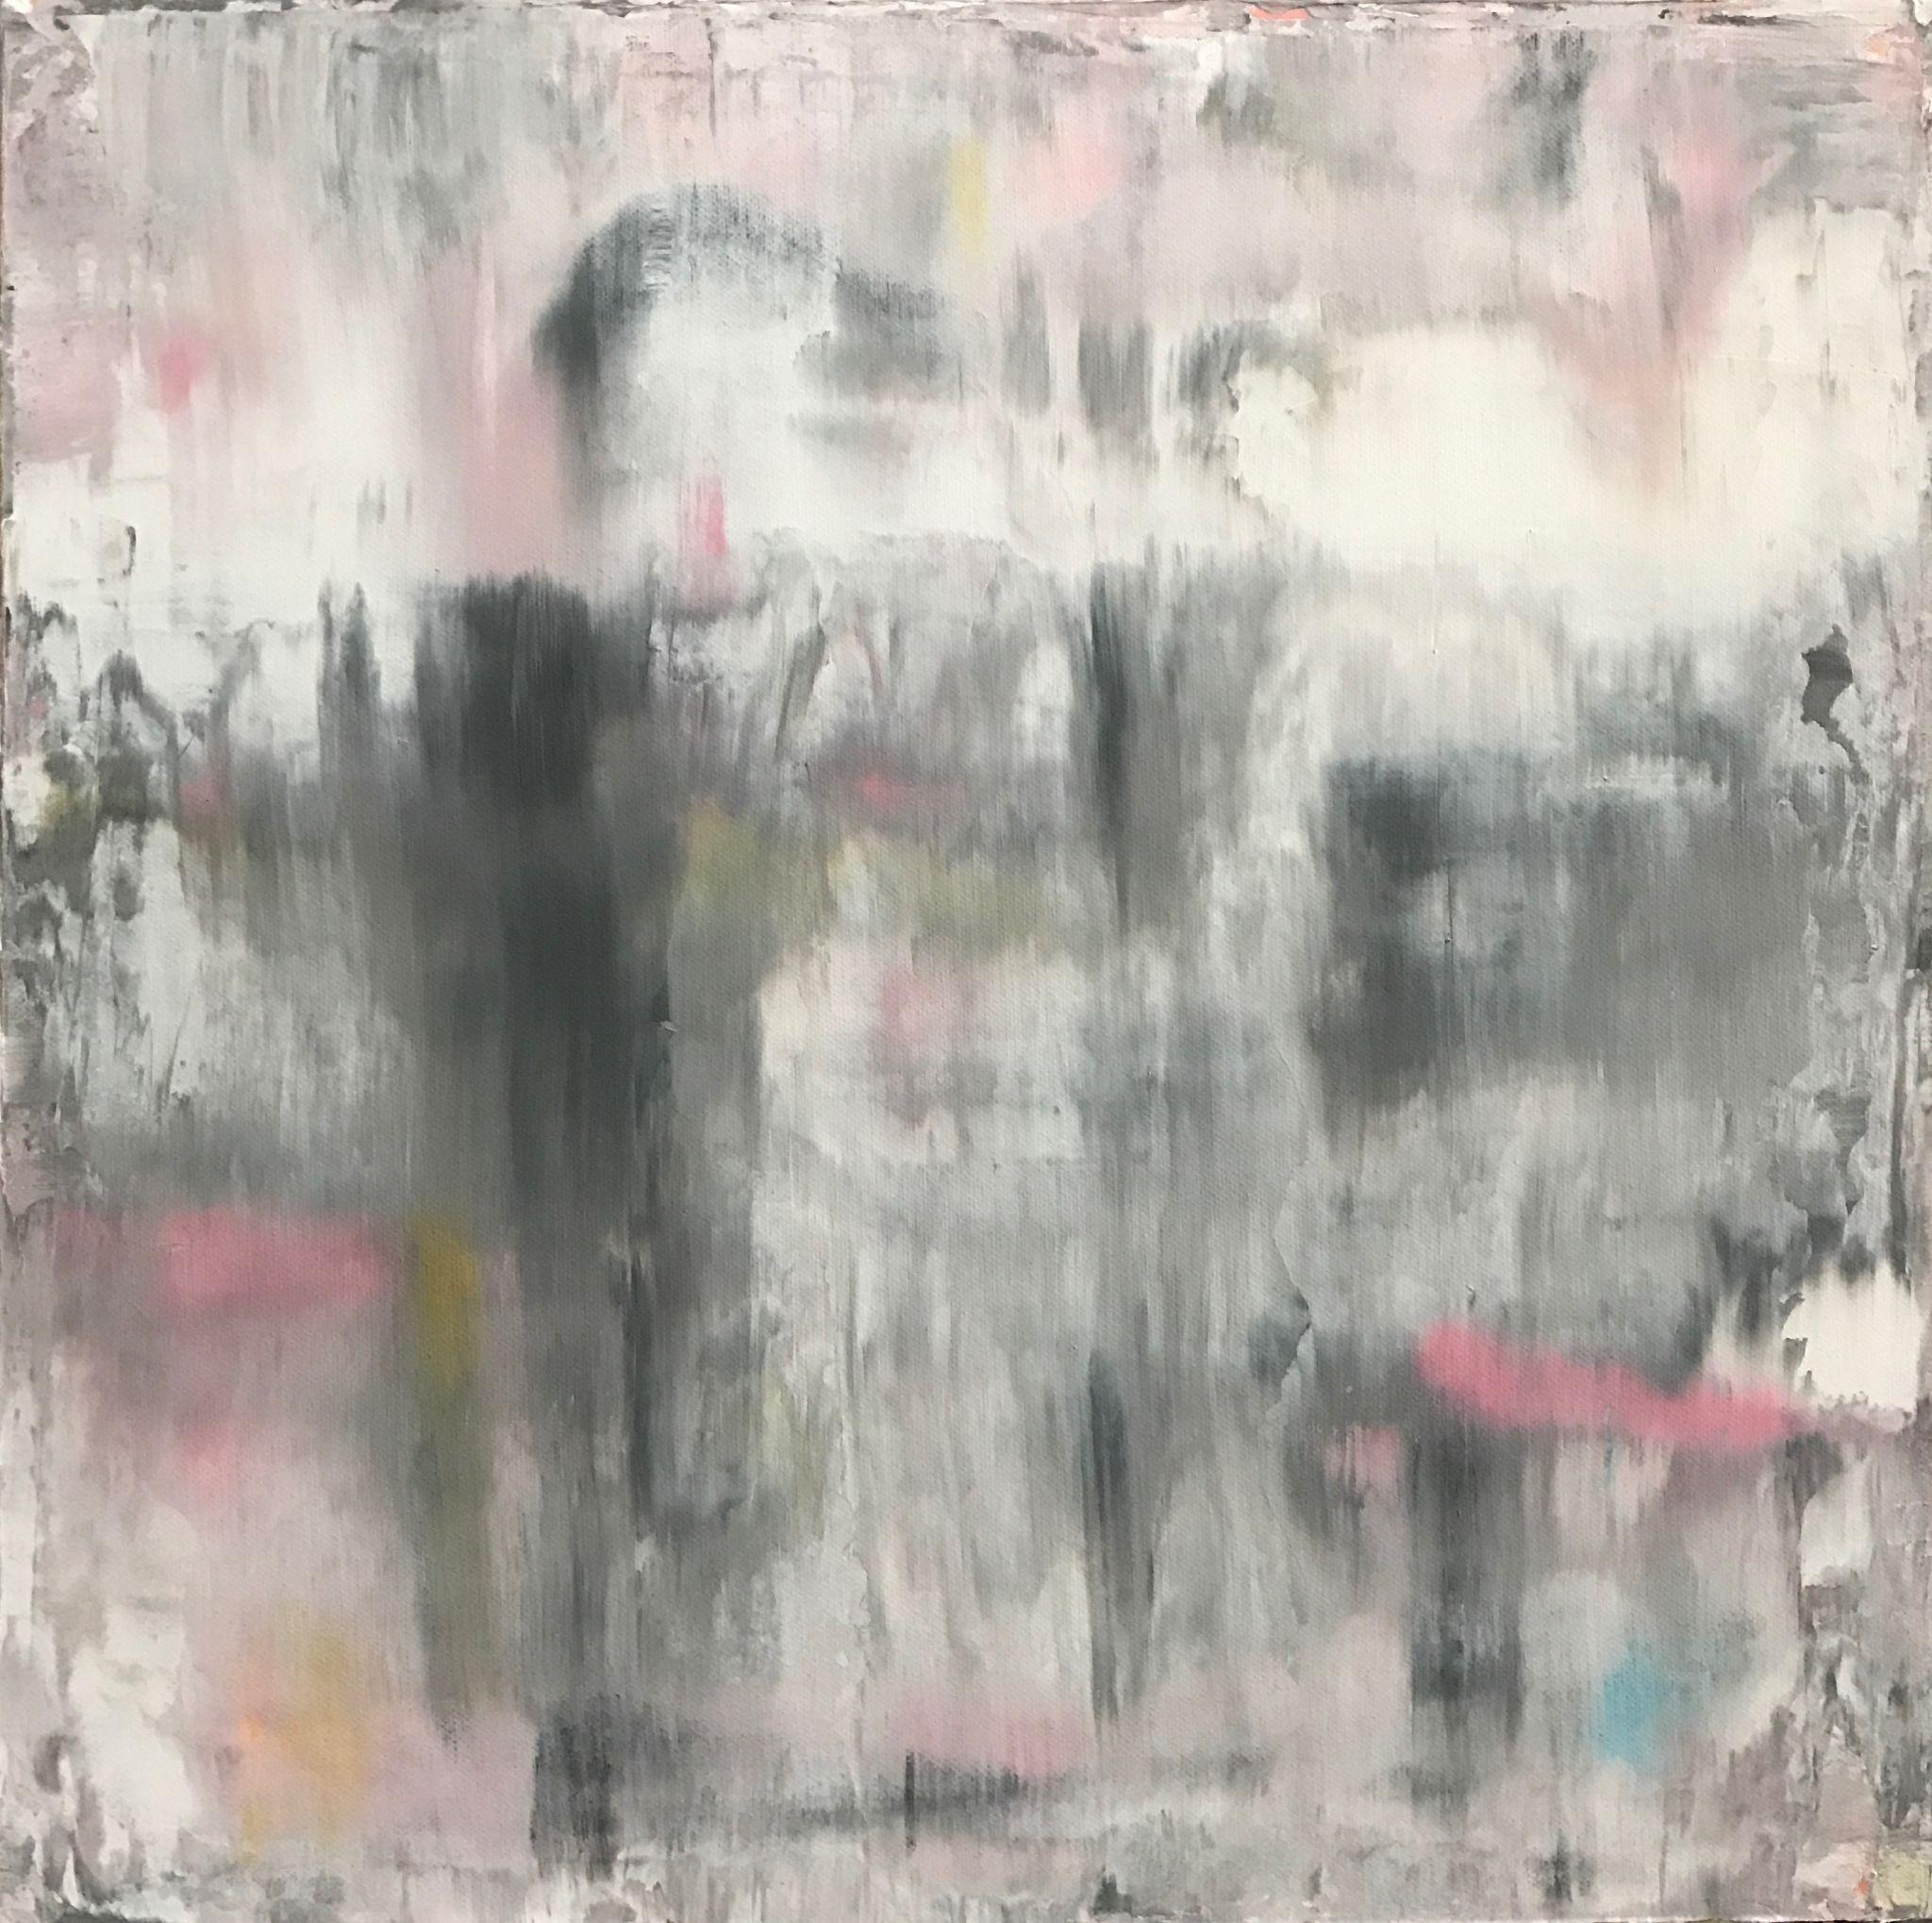 setkání, 50/50 cm, 2017, akryl na plátně